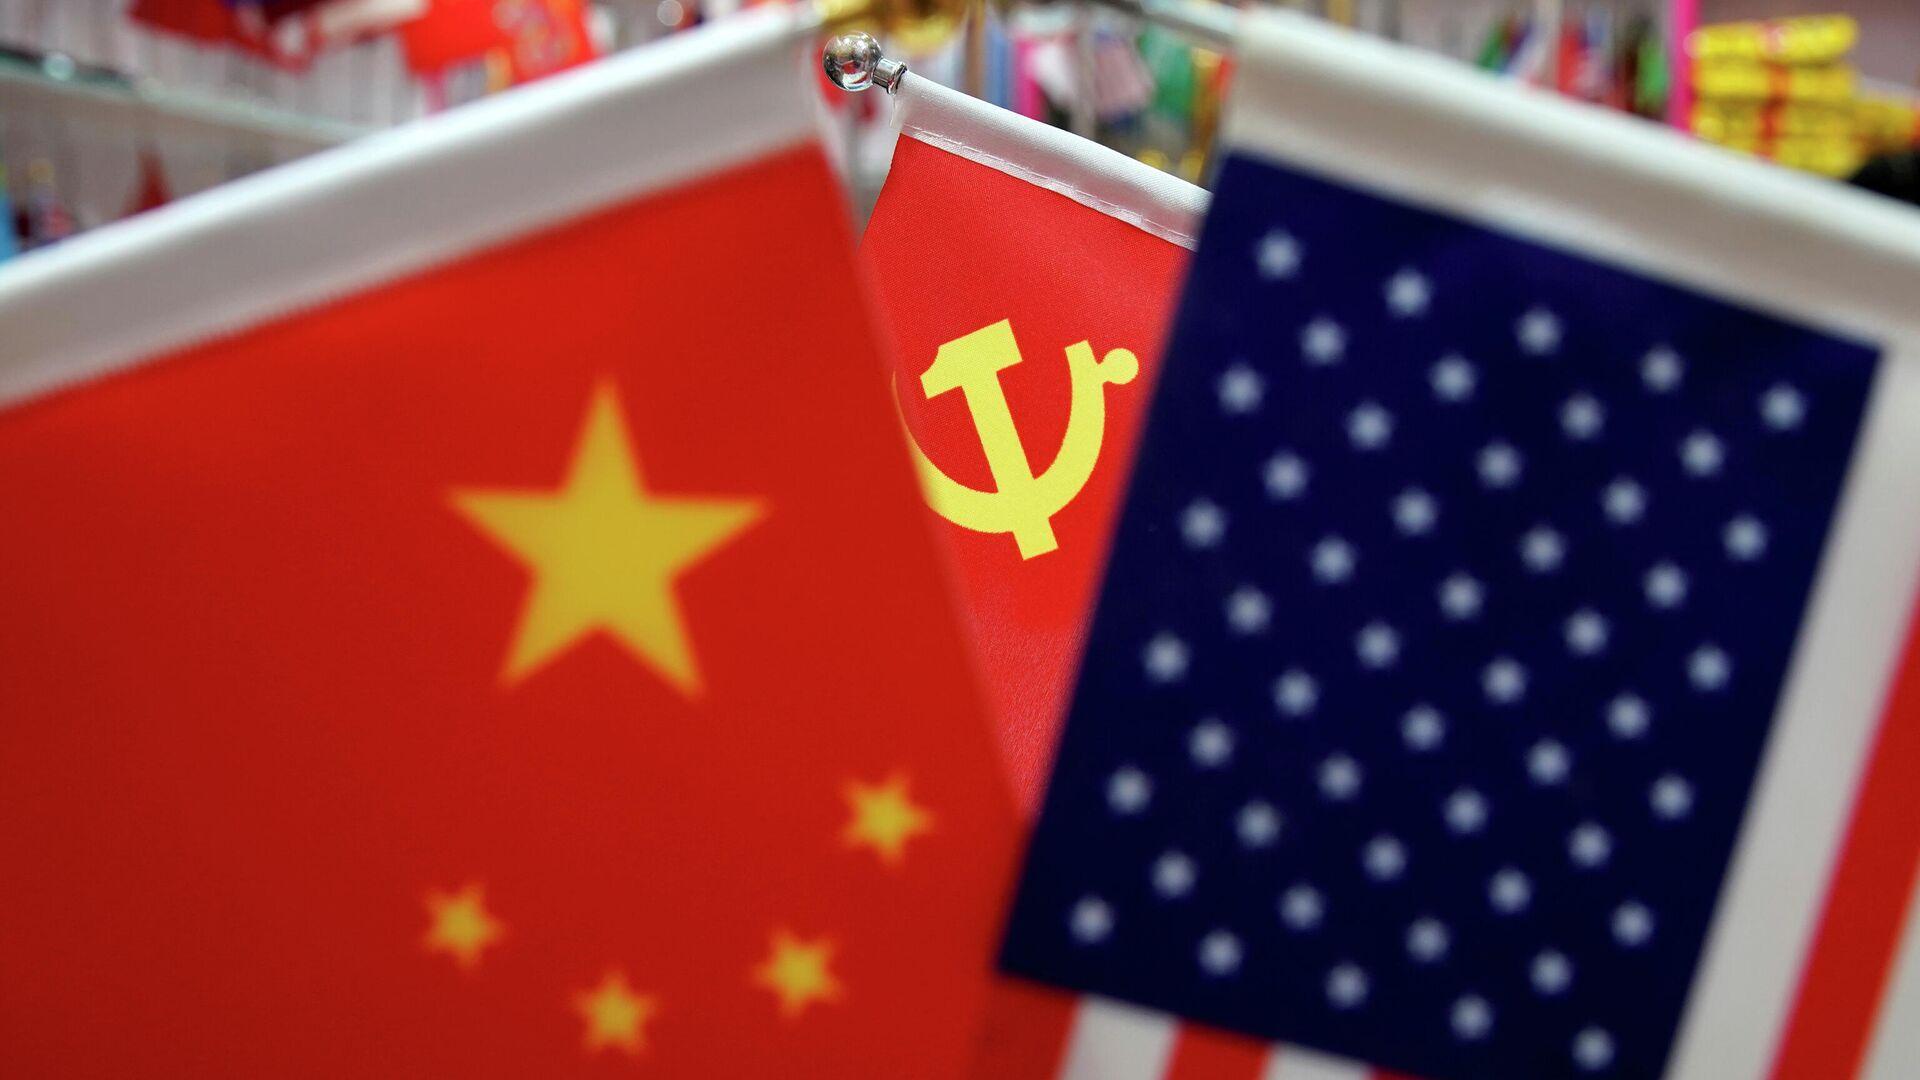 Флаги Китая, США и Коммунистической партии Китая на оптовом рынке в провинции Чжэцзян в Китае - РИА Новости, 1920, 02.01.2021